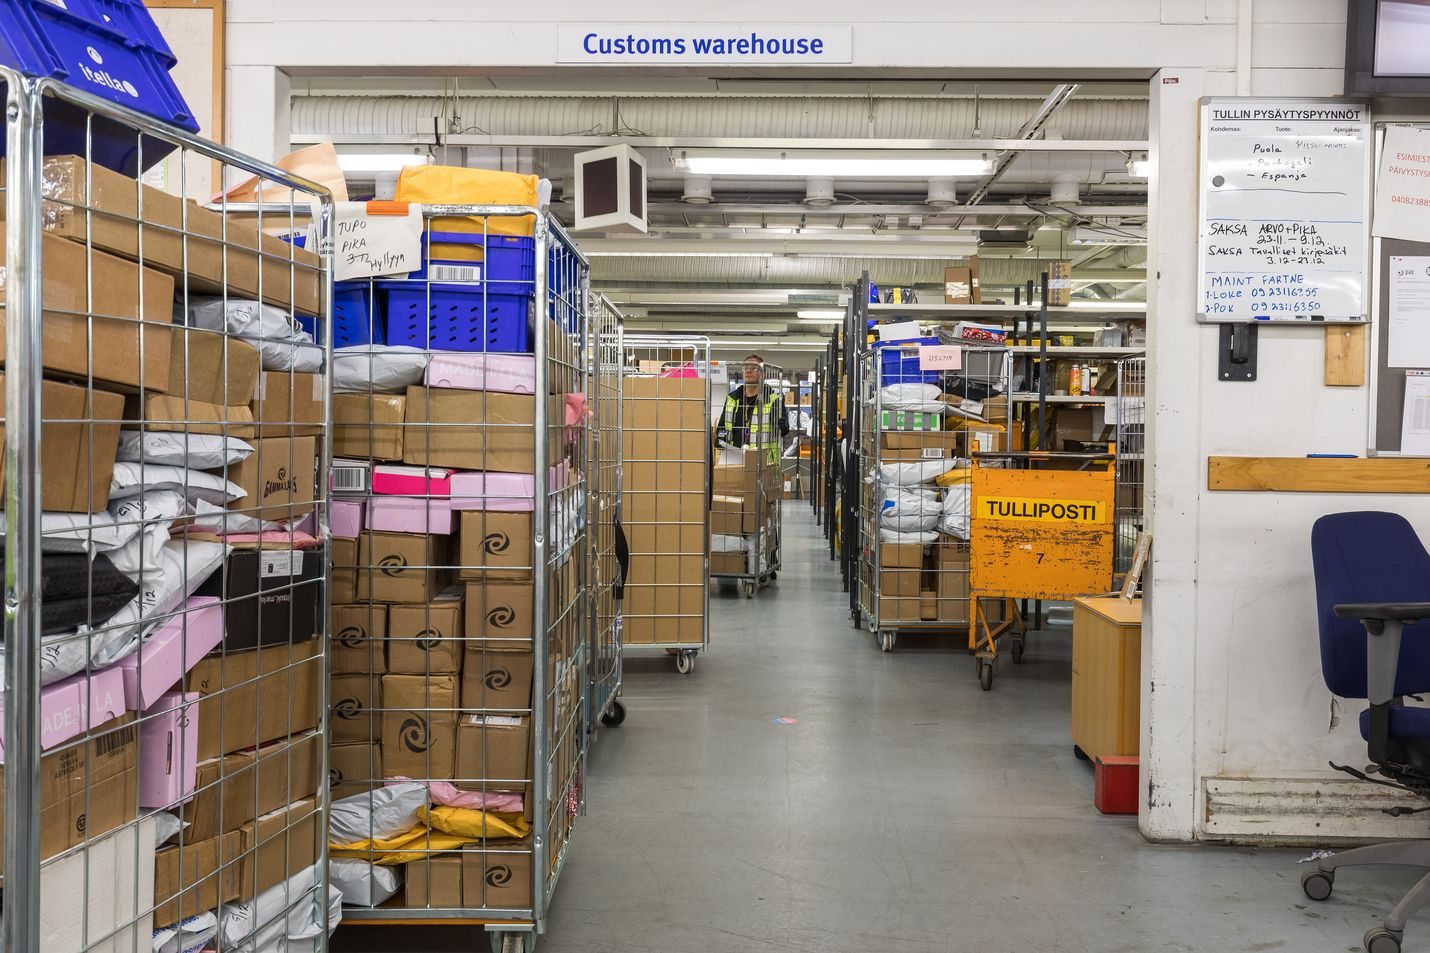 Posti alkaa periä yli 22 euroa maksavista EU:n ulkopuolelta tilatuista tuotteista erillisen käsiteltymaksun. Maksun suuruus on 2,90 euroa. Suomalaiset tekevät verkko-ostoksia eniten kiinalaisista verkkokaupoista. Alle 22 euroa maksavia paketteja saapuu Suomeen kuukausittain yli miljoona kappaletta. Postin käsittelymaksu ei toistaiseksi koske alle 22 euron arvoisia lähetyksiä.